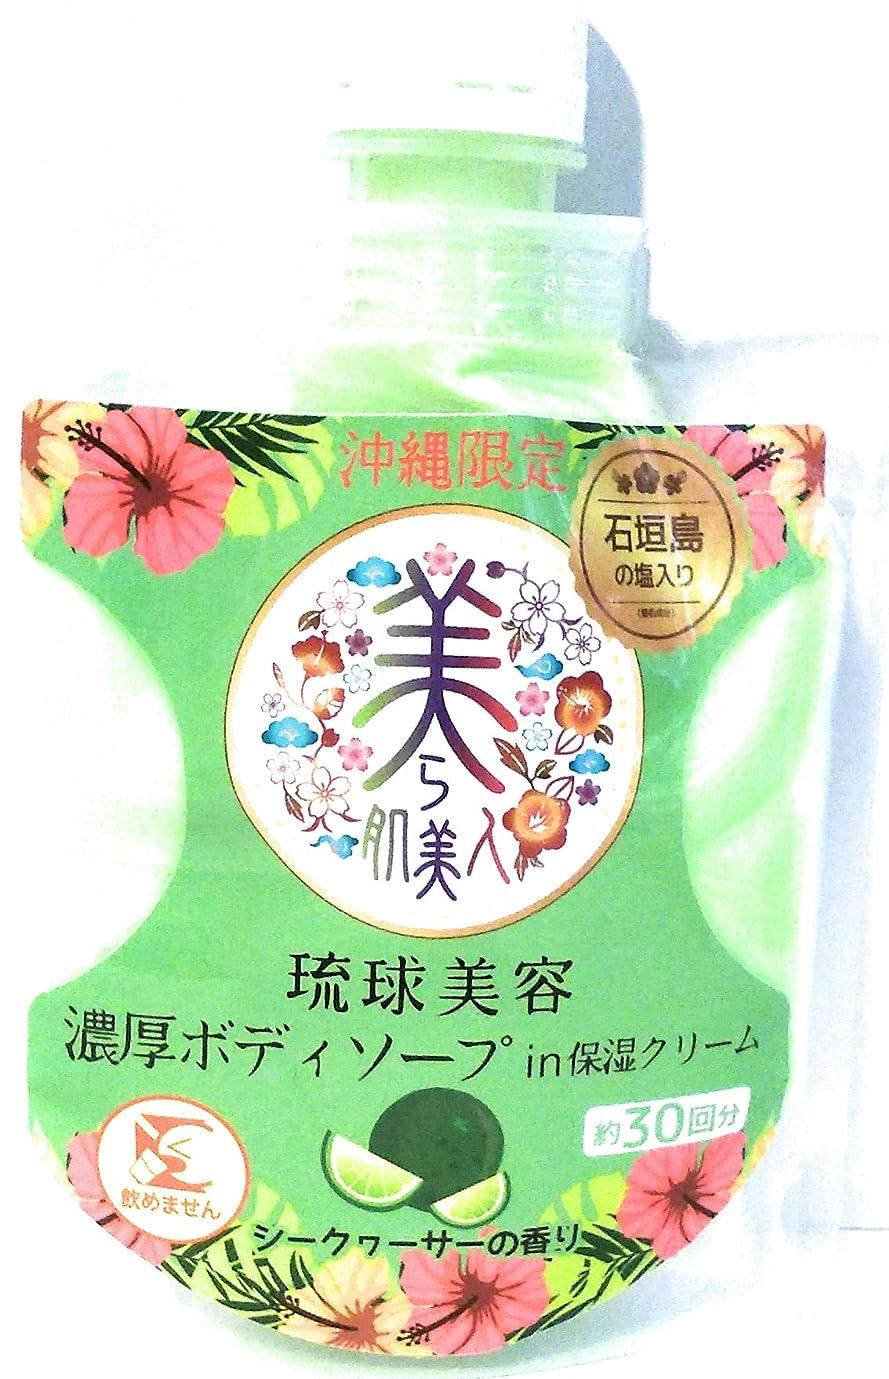 活気づく切る教育沖縄限定 美ら肌美人 琉球美容濃厚ボディソープin保湿クリーム シークヮーサーの香り